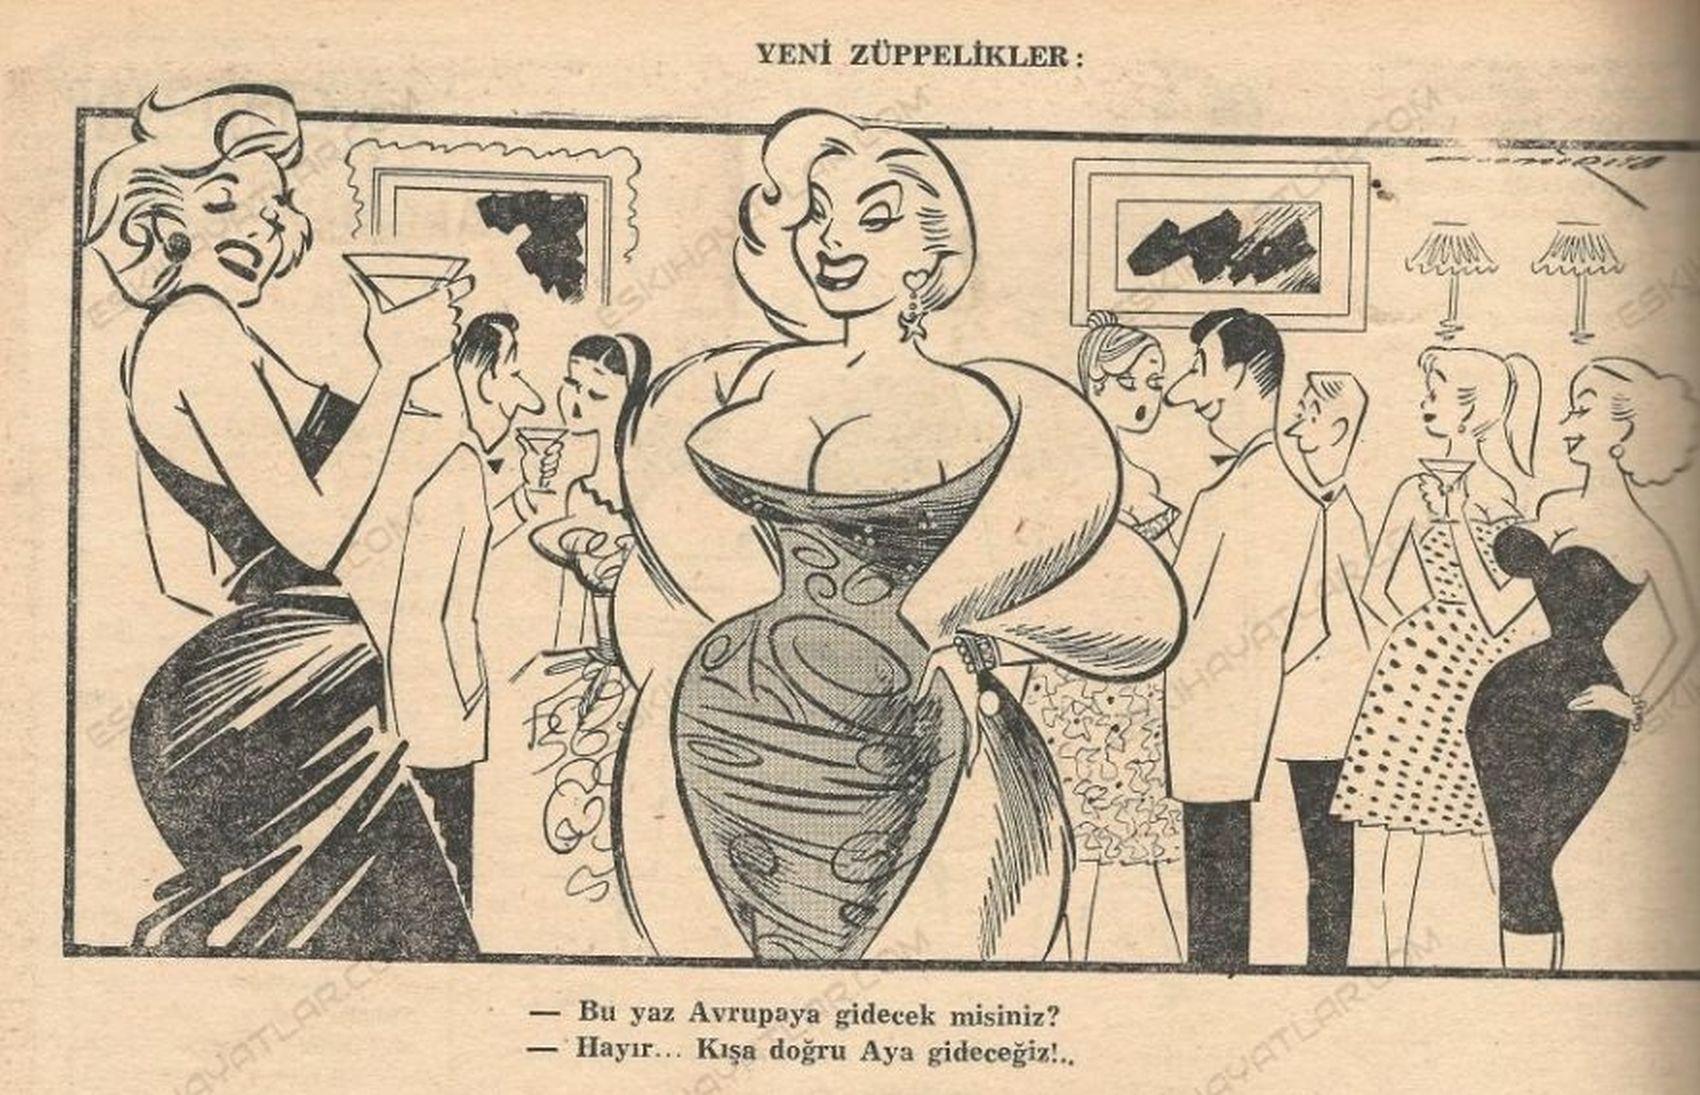 0363-akbaba-dergisi-18-haziran-1959 (010)